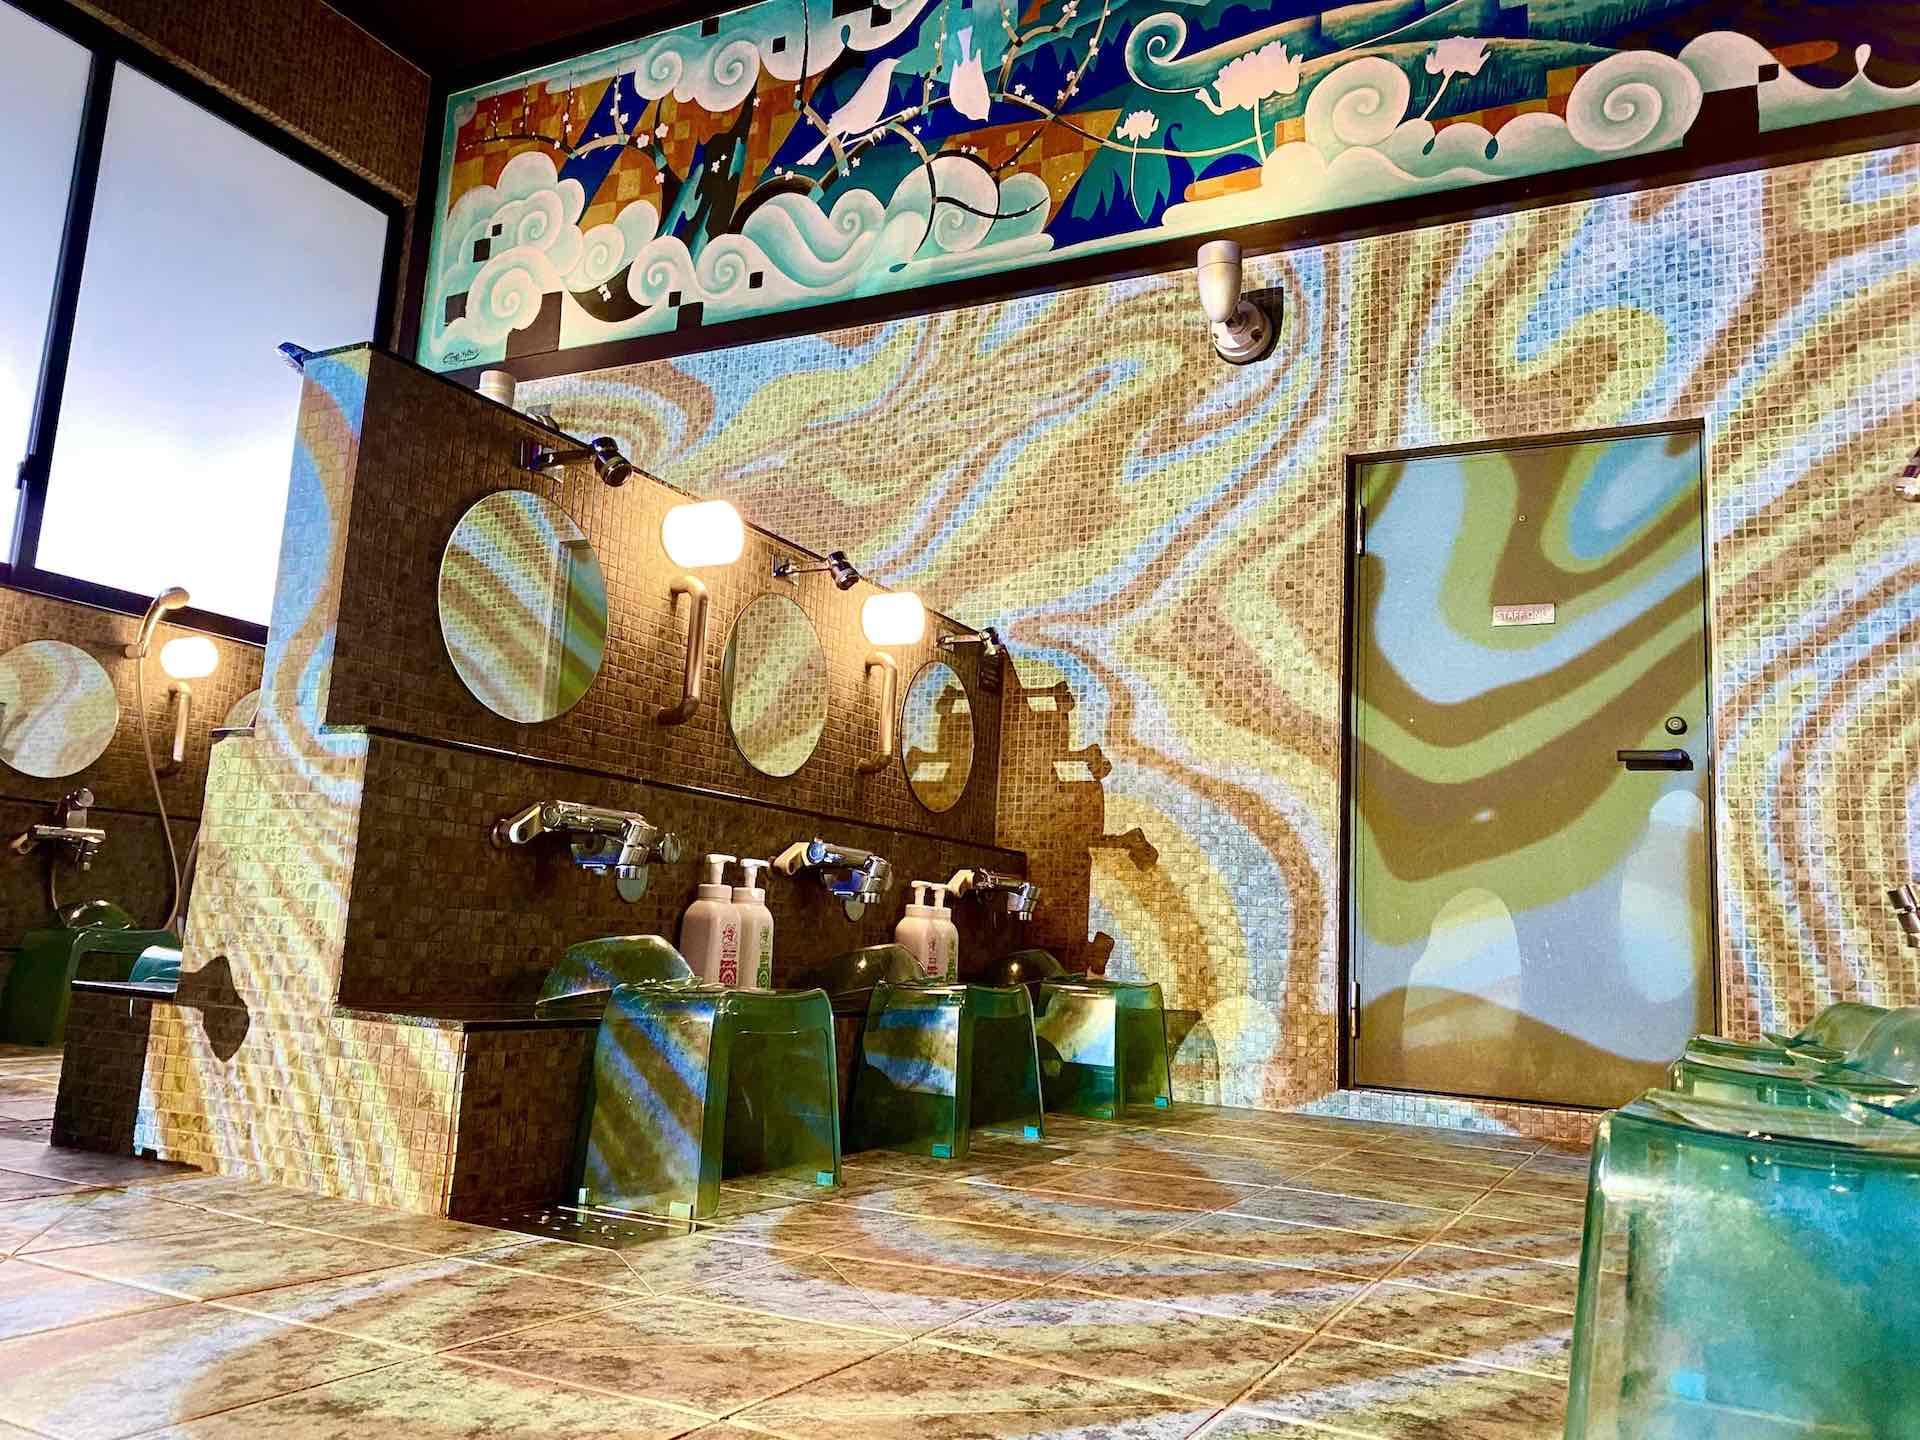 『あびばのんのん』をリリースするTempalayと全国の温浴施設のコラボが実現!改良湯で装飾、のれんなどがコラボ仕様に music210906_tempalay_9